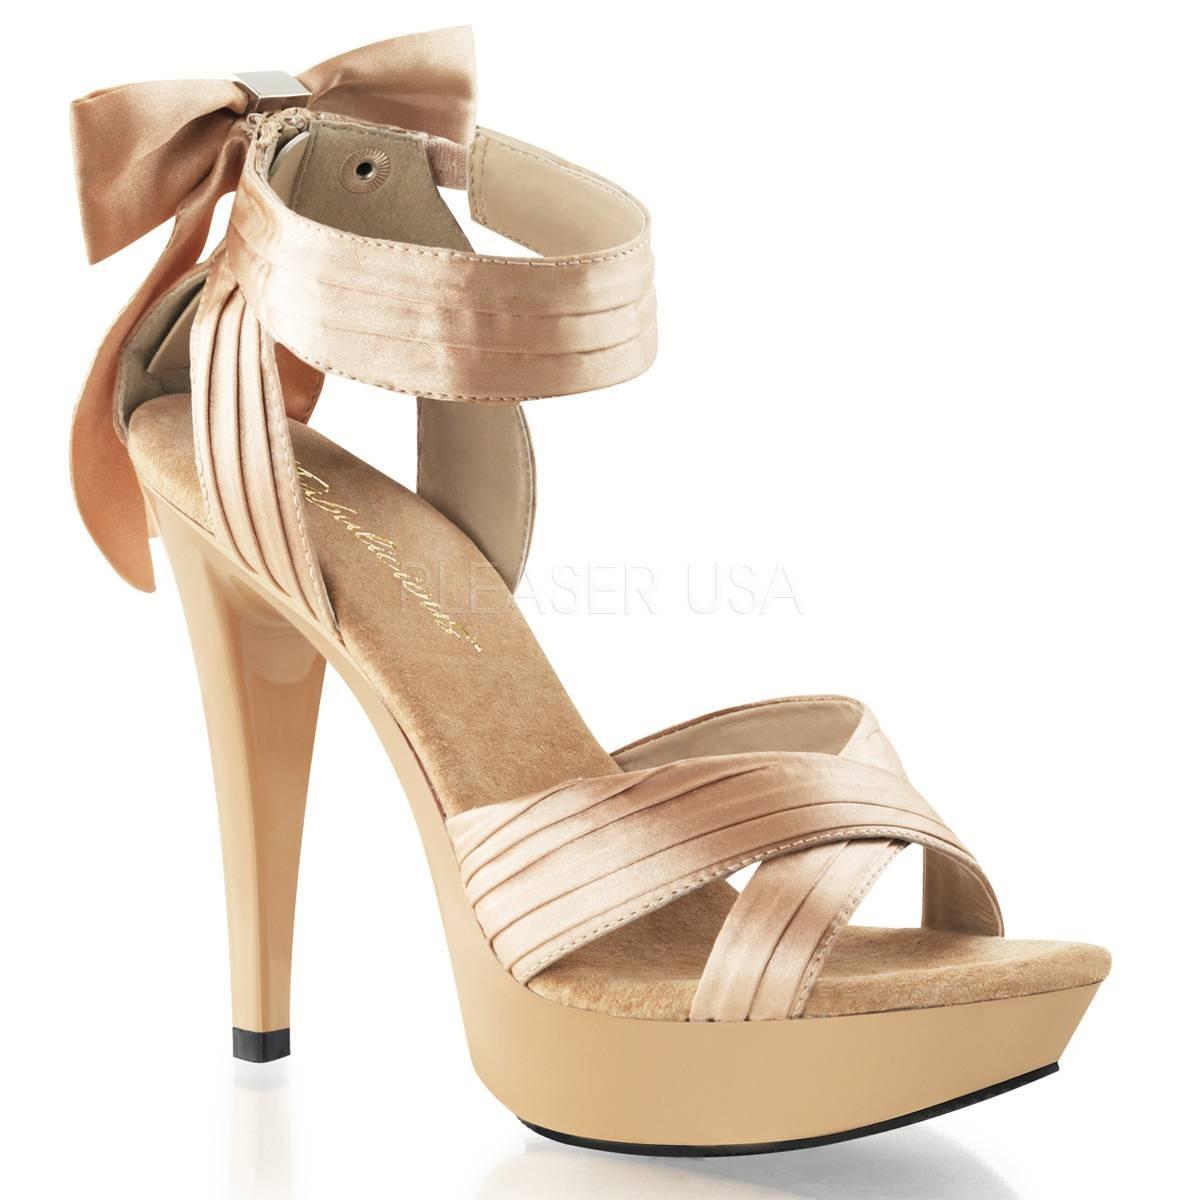 Highheels - COCKTAIL 568 ° Damen Sandalette ° Elfenbein Matt ° Fabulicious  - Onlineshop RedSixty